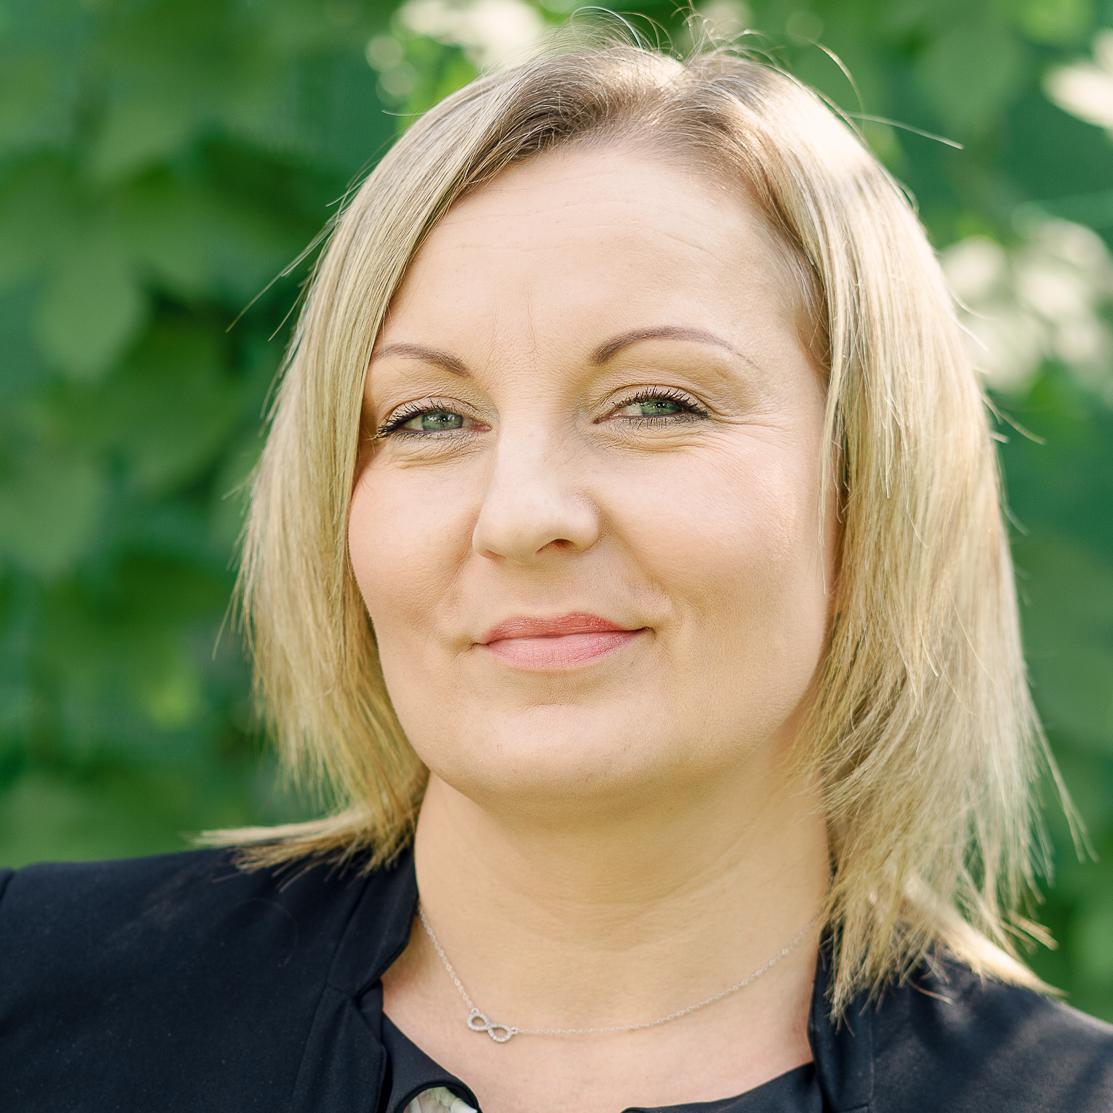 Marlena Pyrka